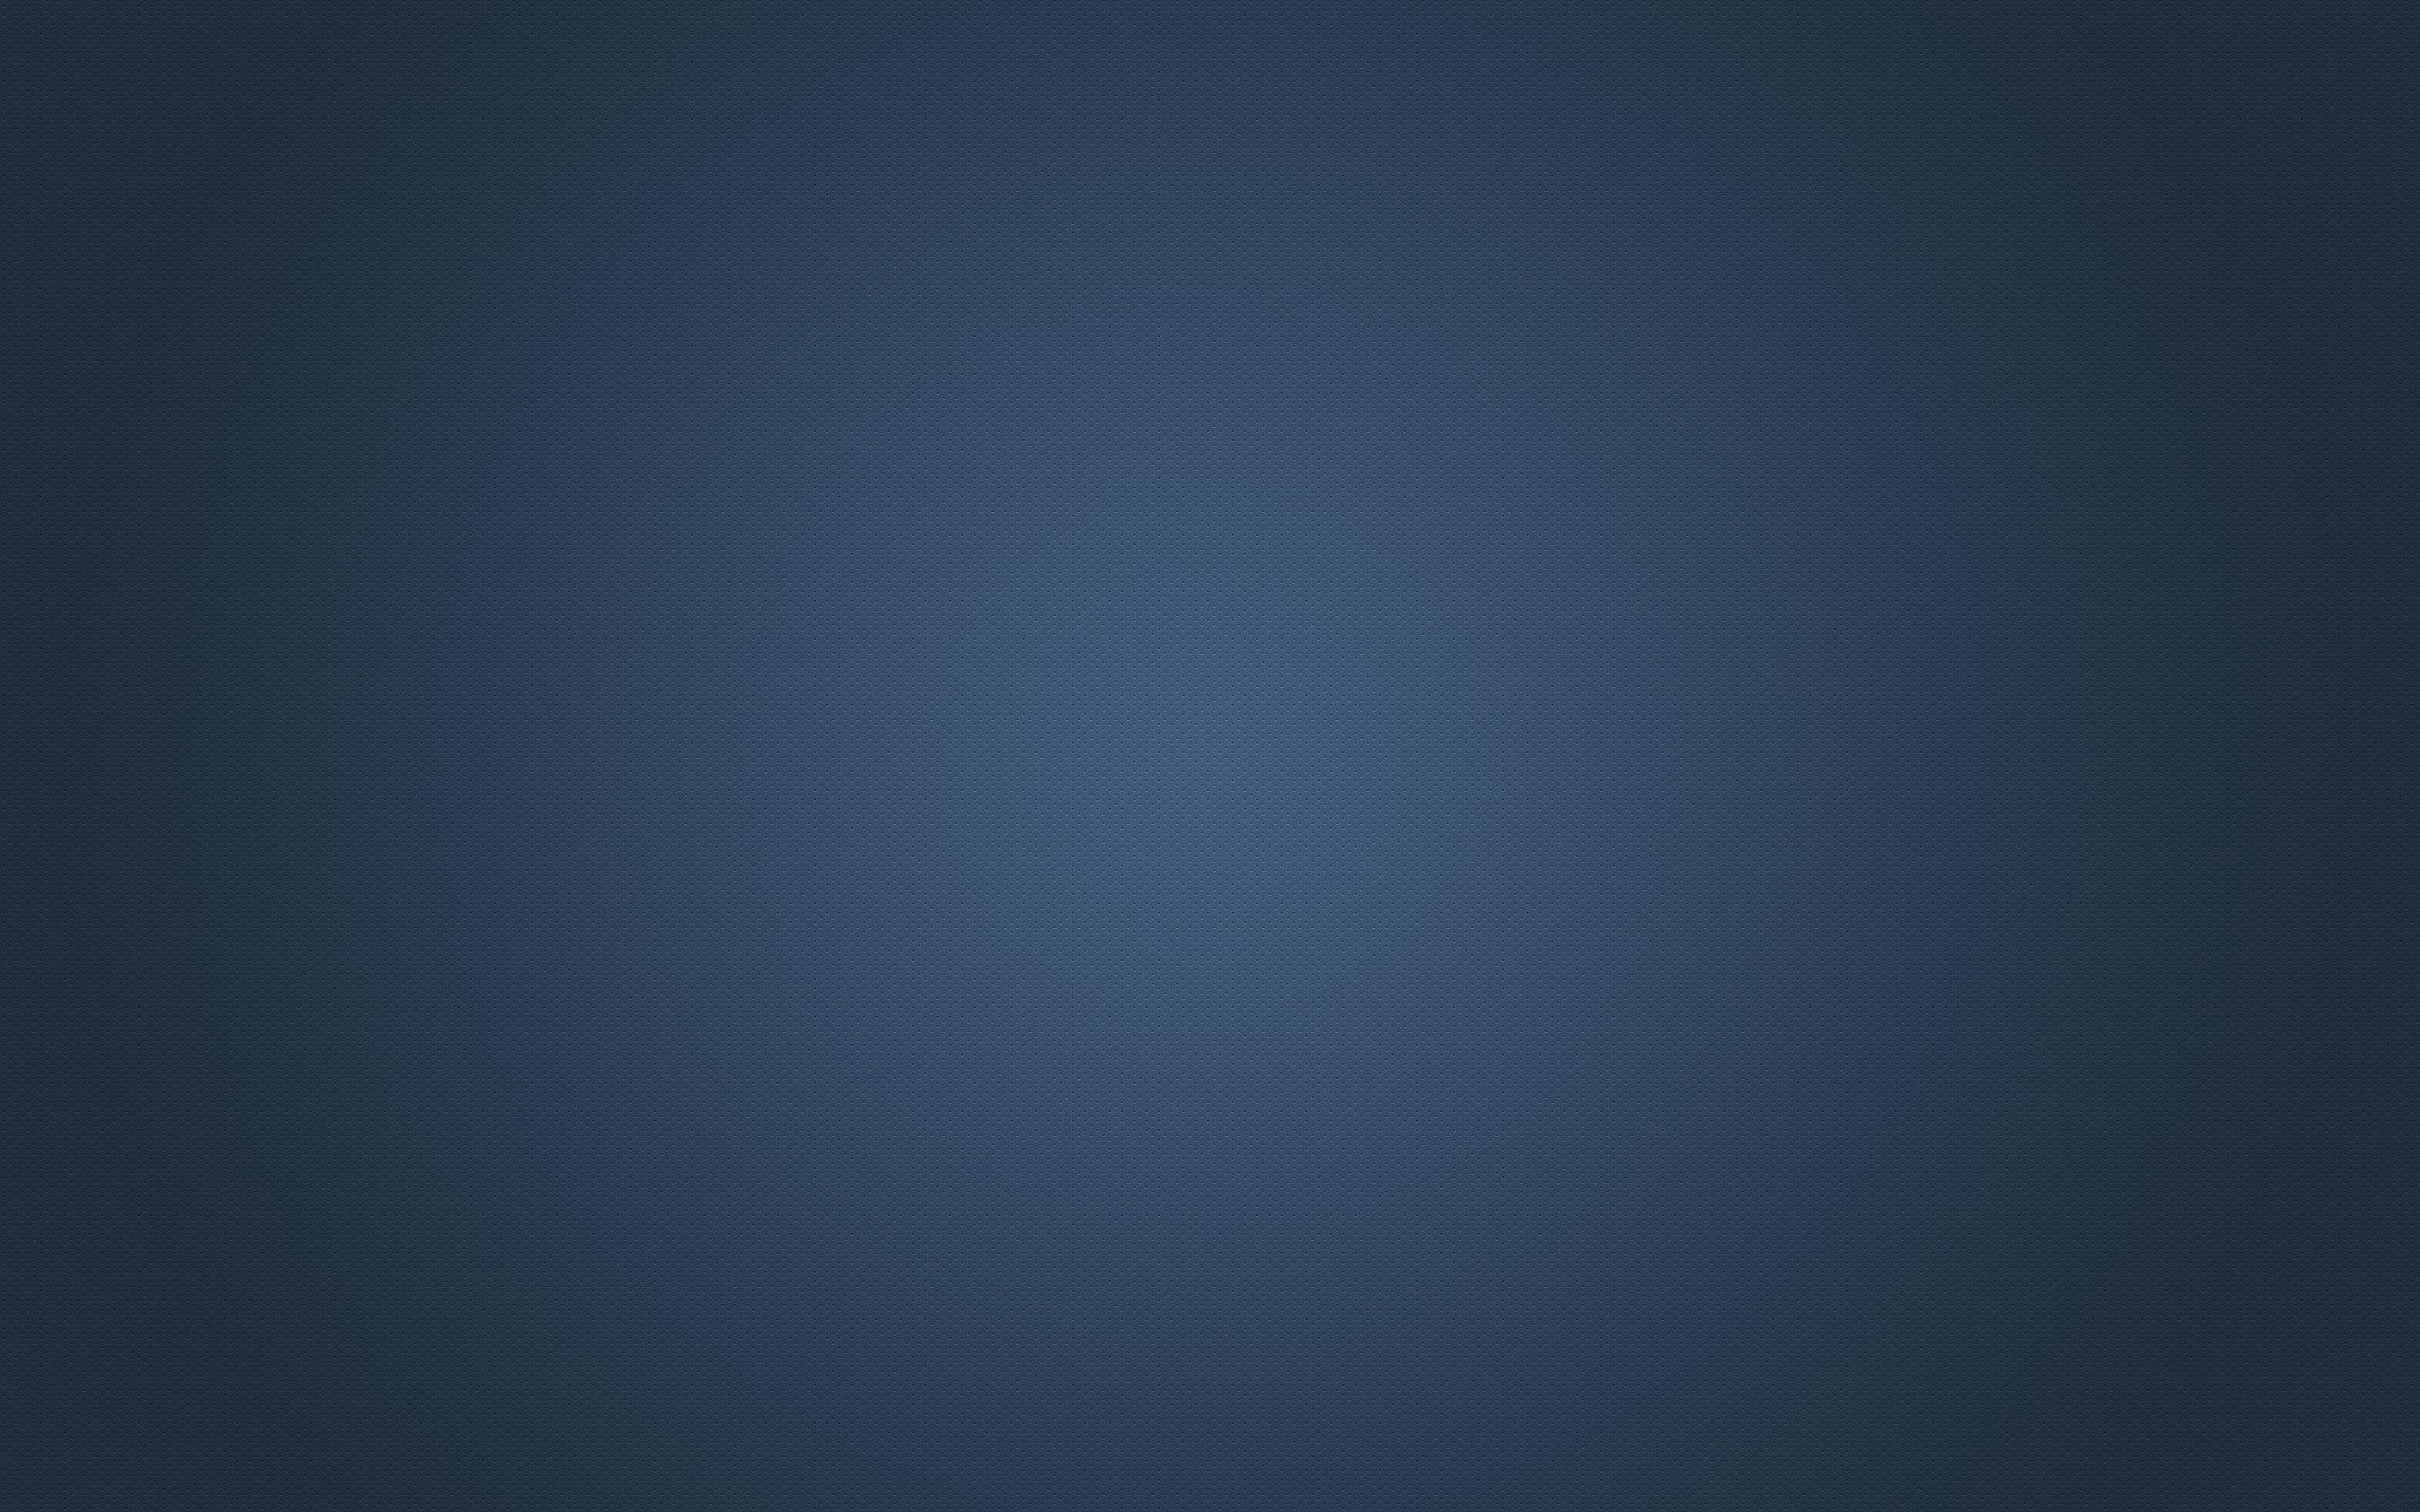 Blue Carbon Fiber Wallpaper HD